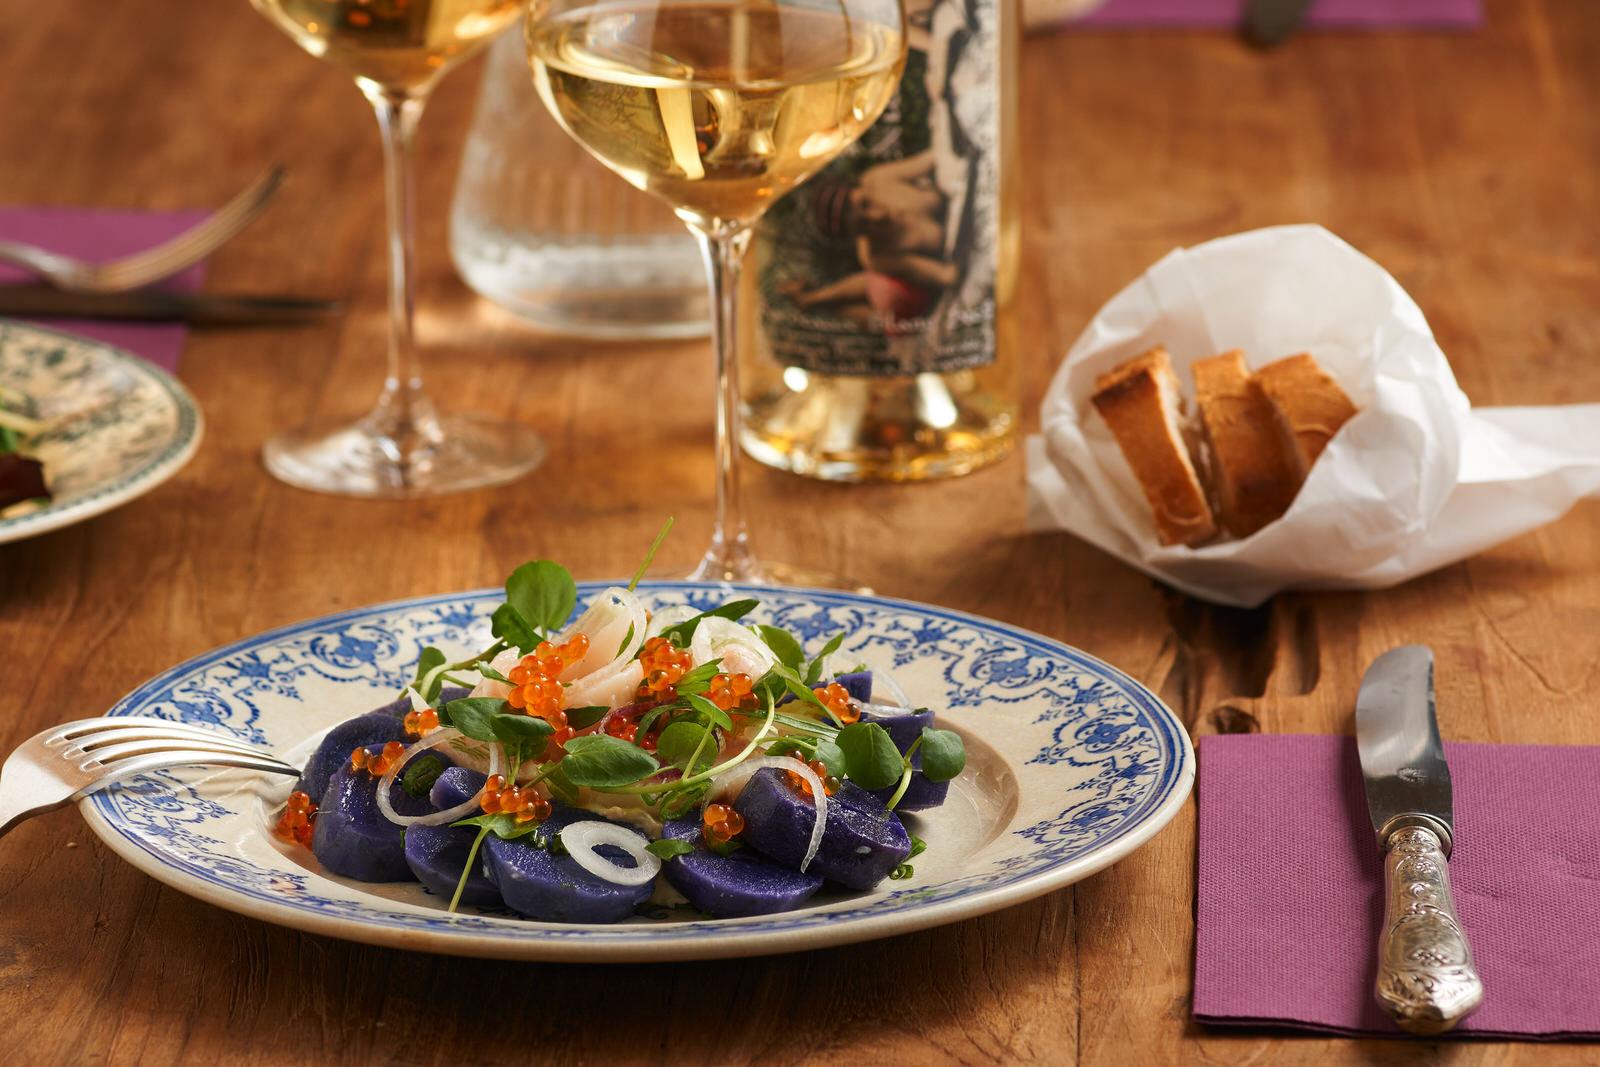 Photographe professionnel - Photo culinaire - Photographe culinaire - Bordeaux - Artisan - métier de bouche - Restaurateur